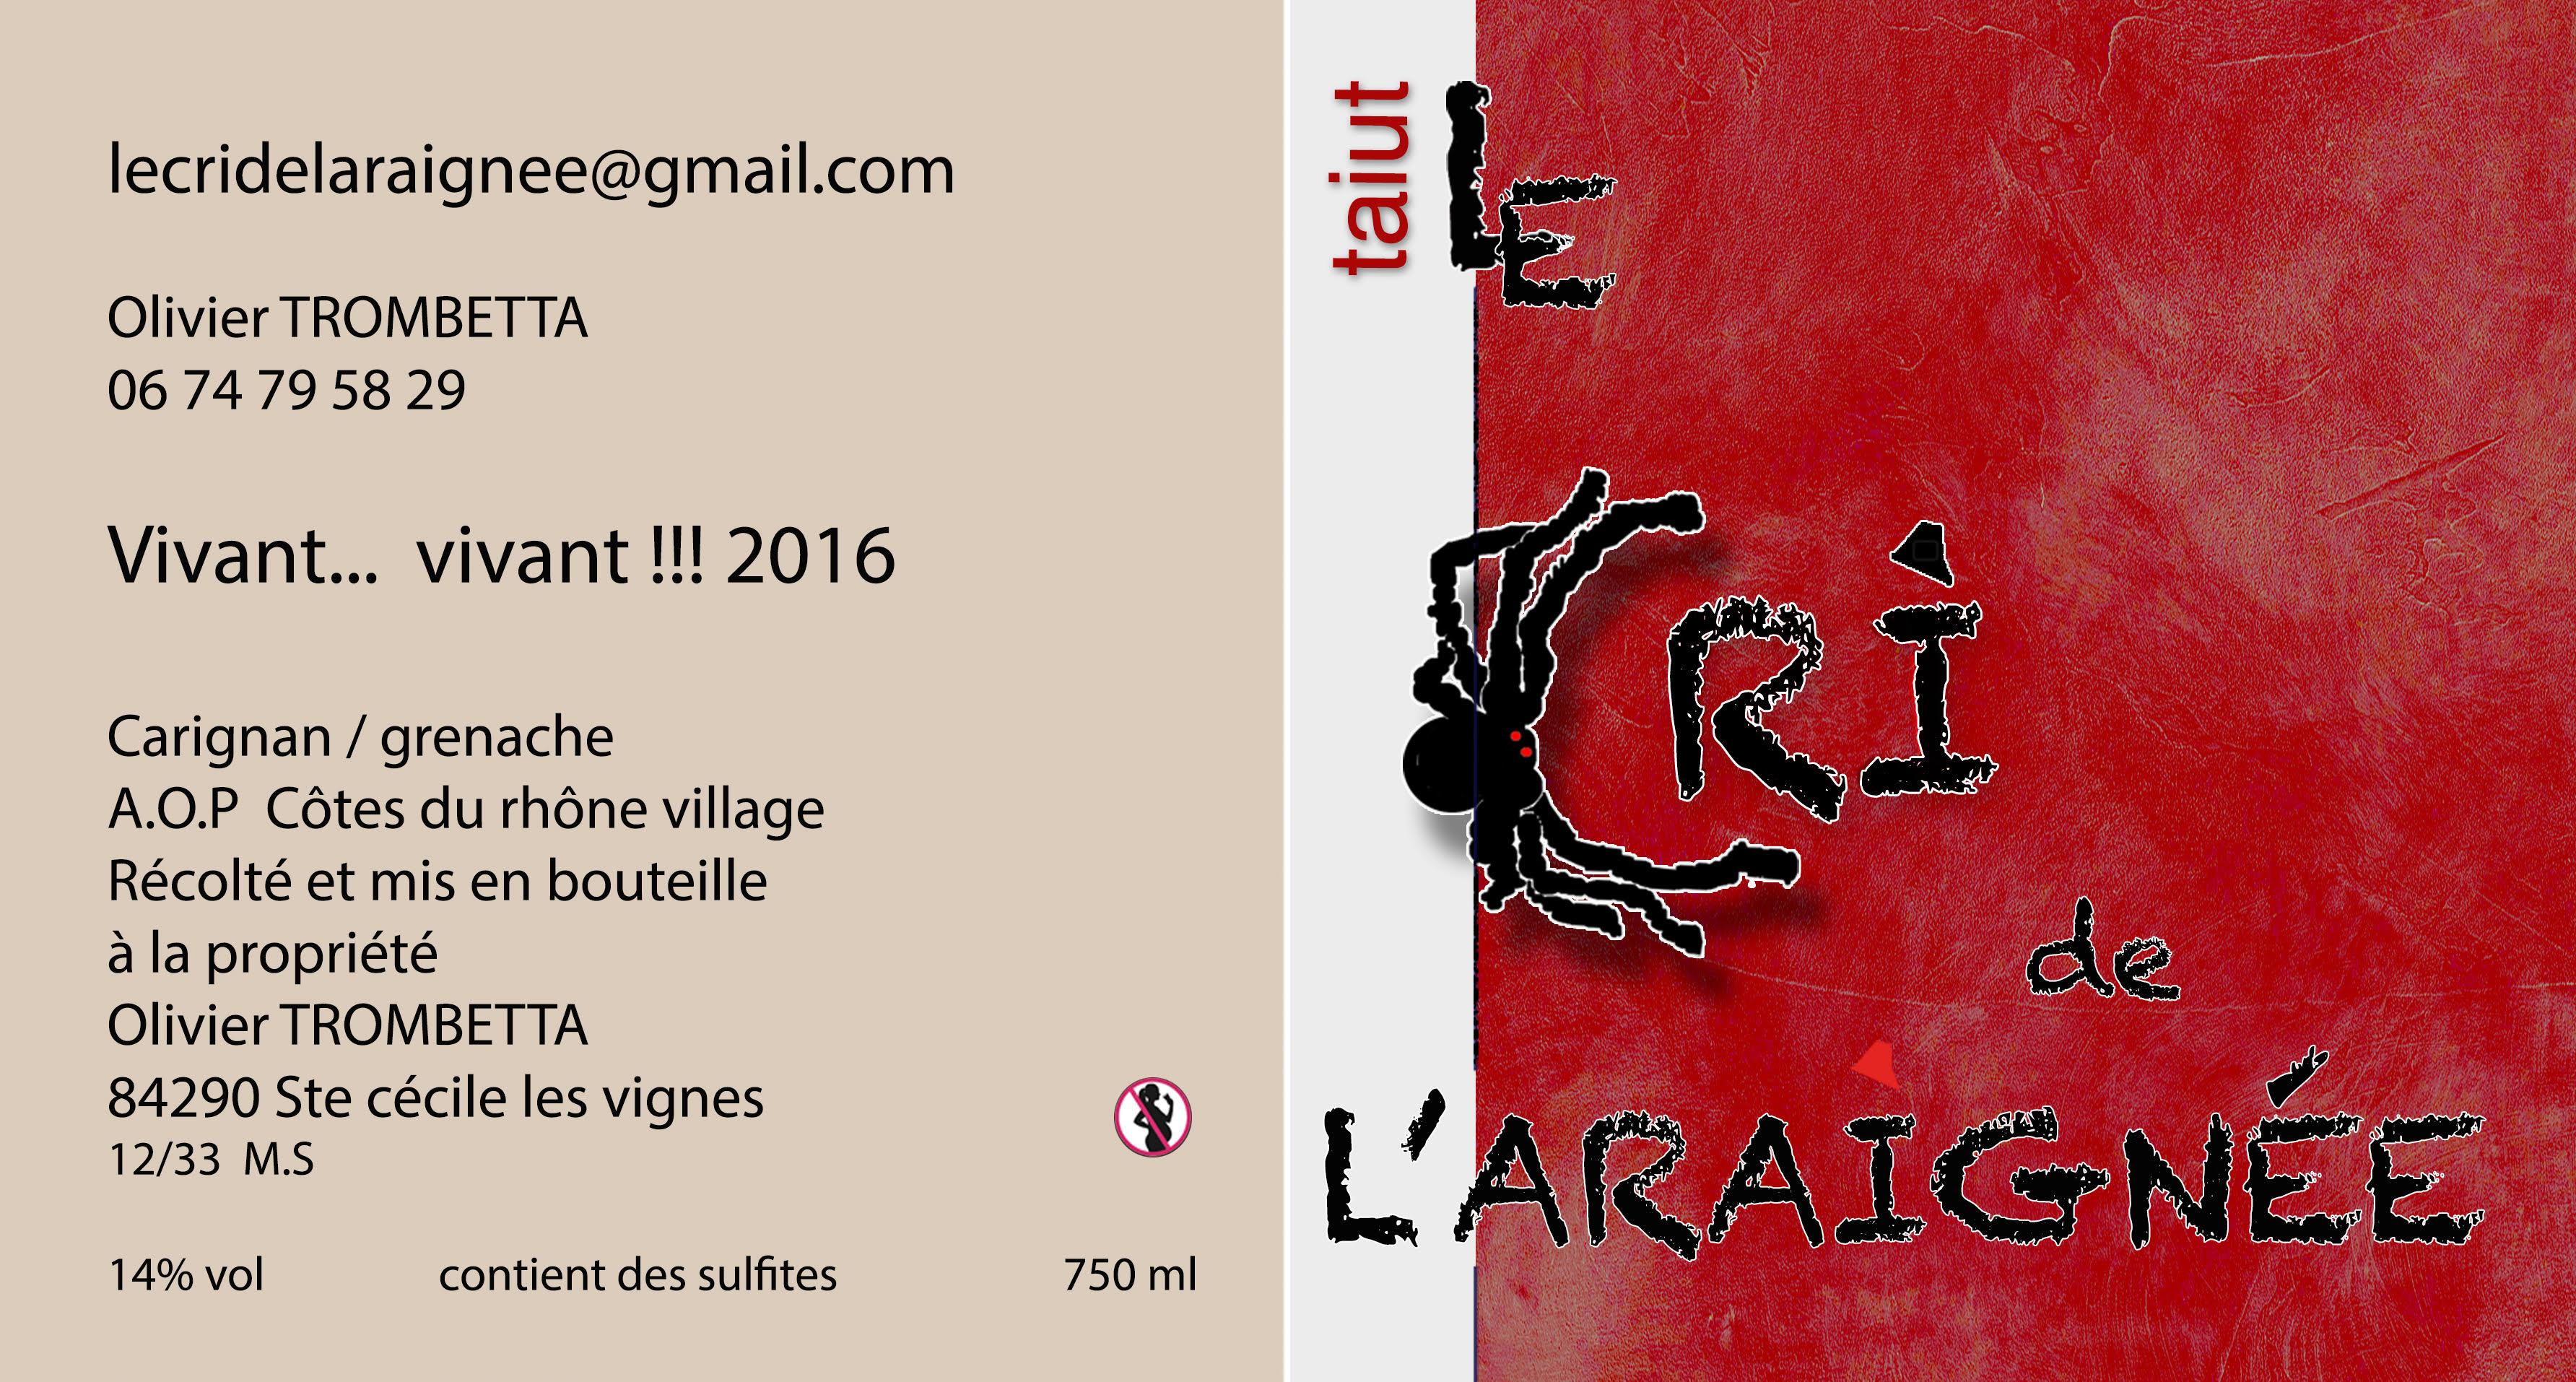 Le Cri de l'araignée - Côtes du Rhône - Cuvée taiut